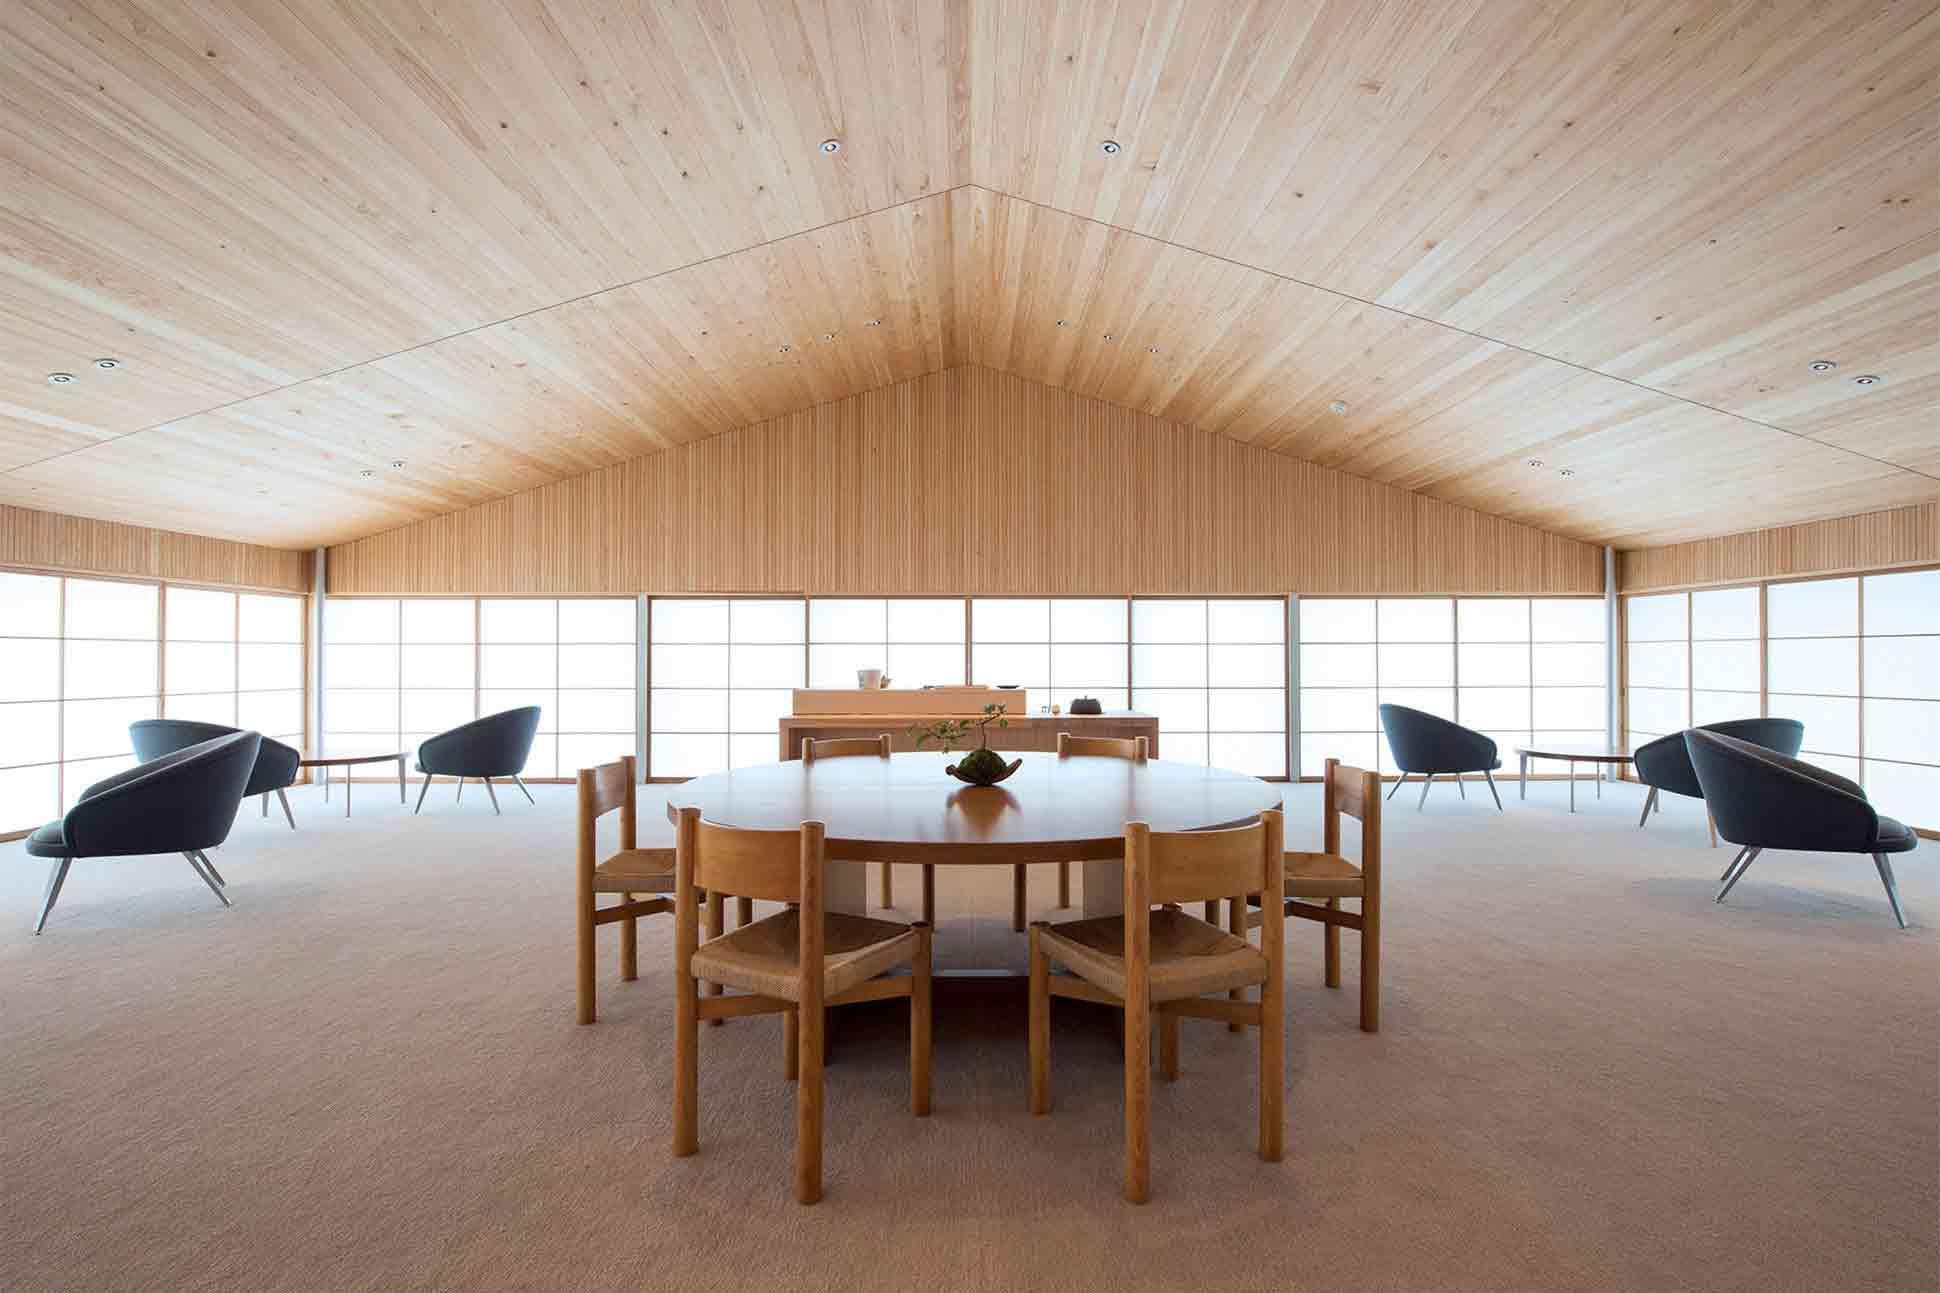 A dining table aboard guntû, Japan